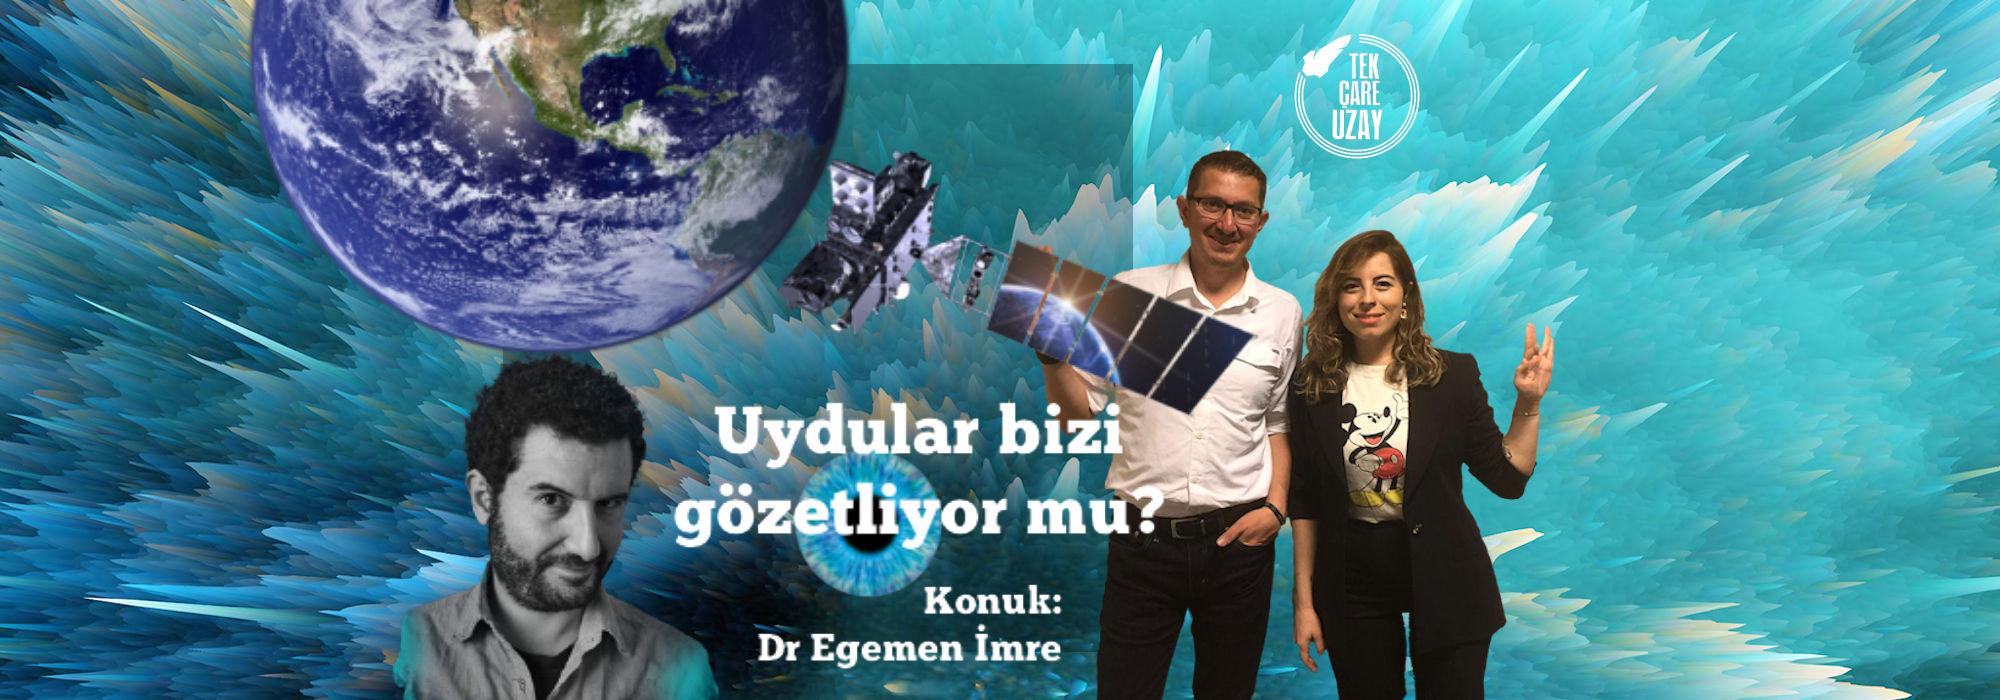 Biri bizi gözetliyor mu? Uzaktan Algılama Uyduları, Konuk: Dr. Egemen İmre